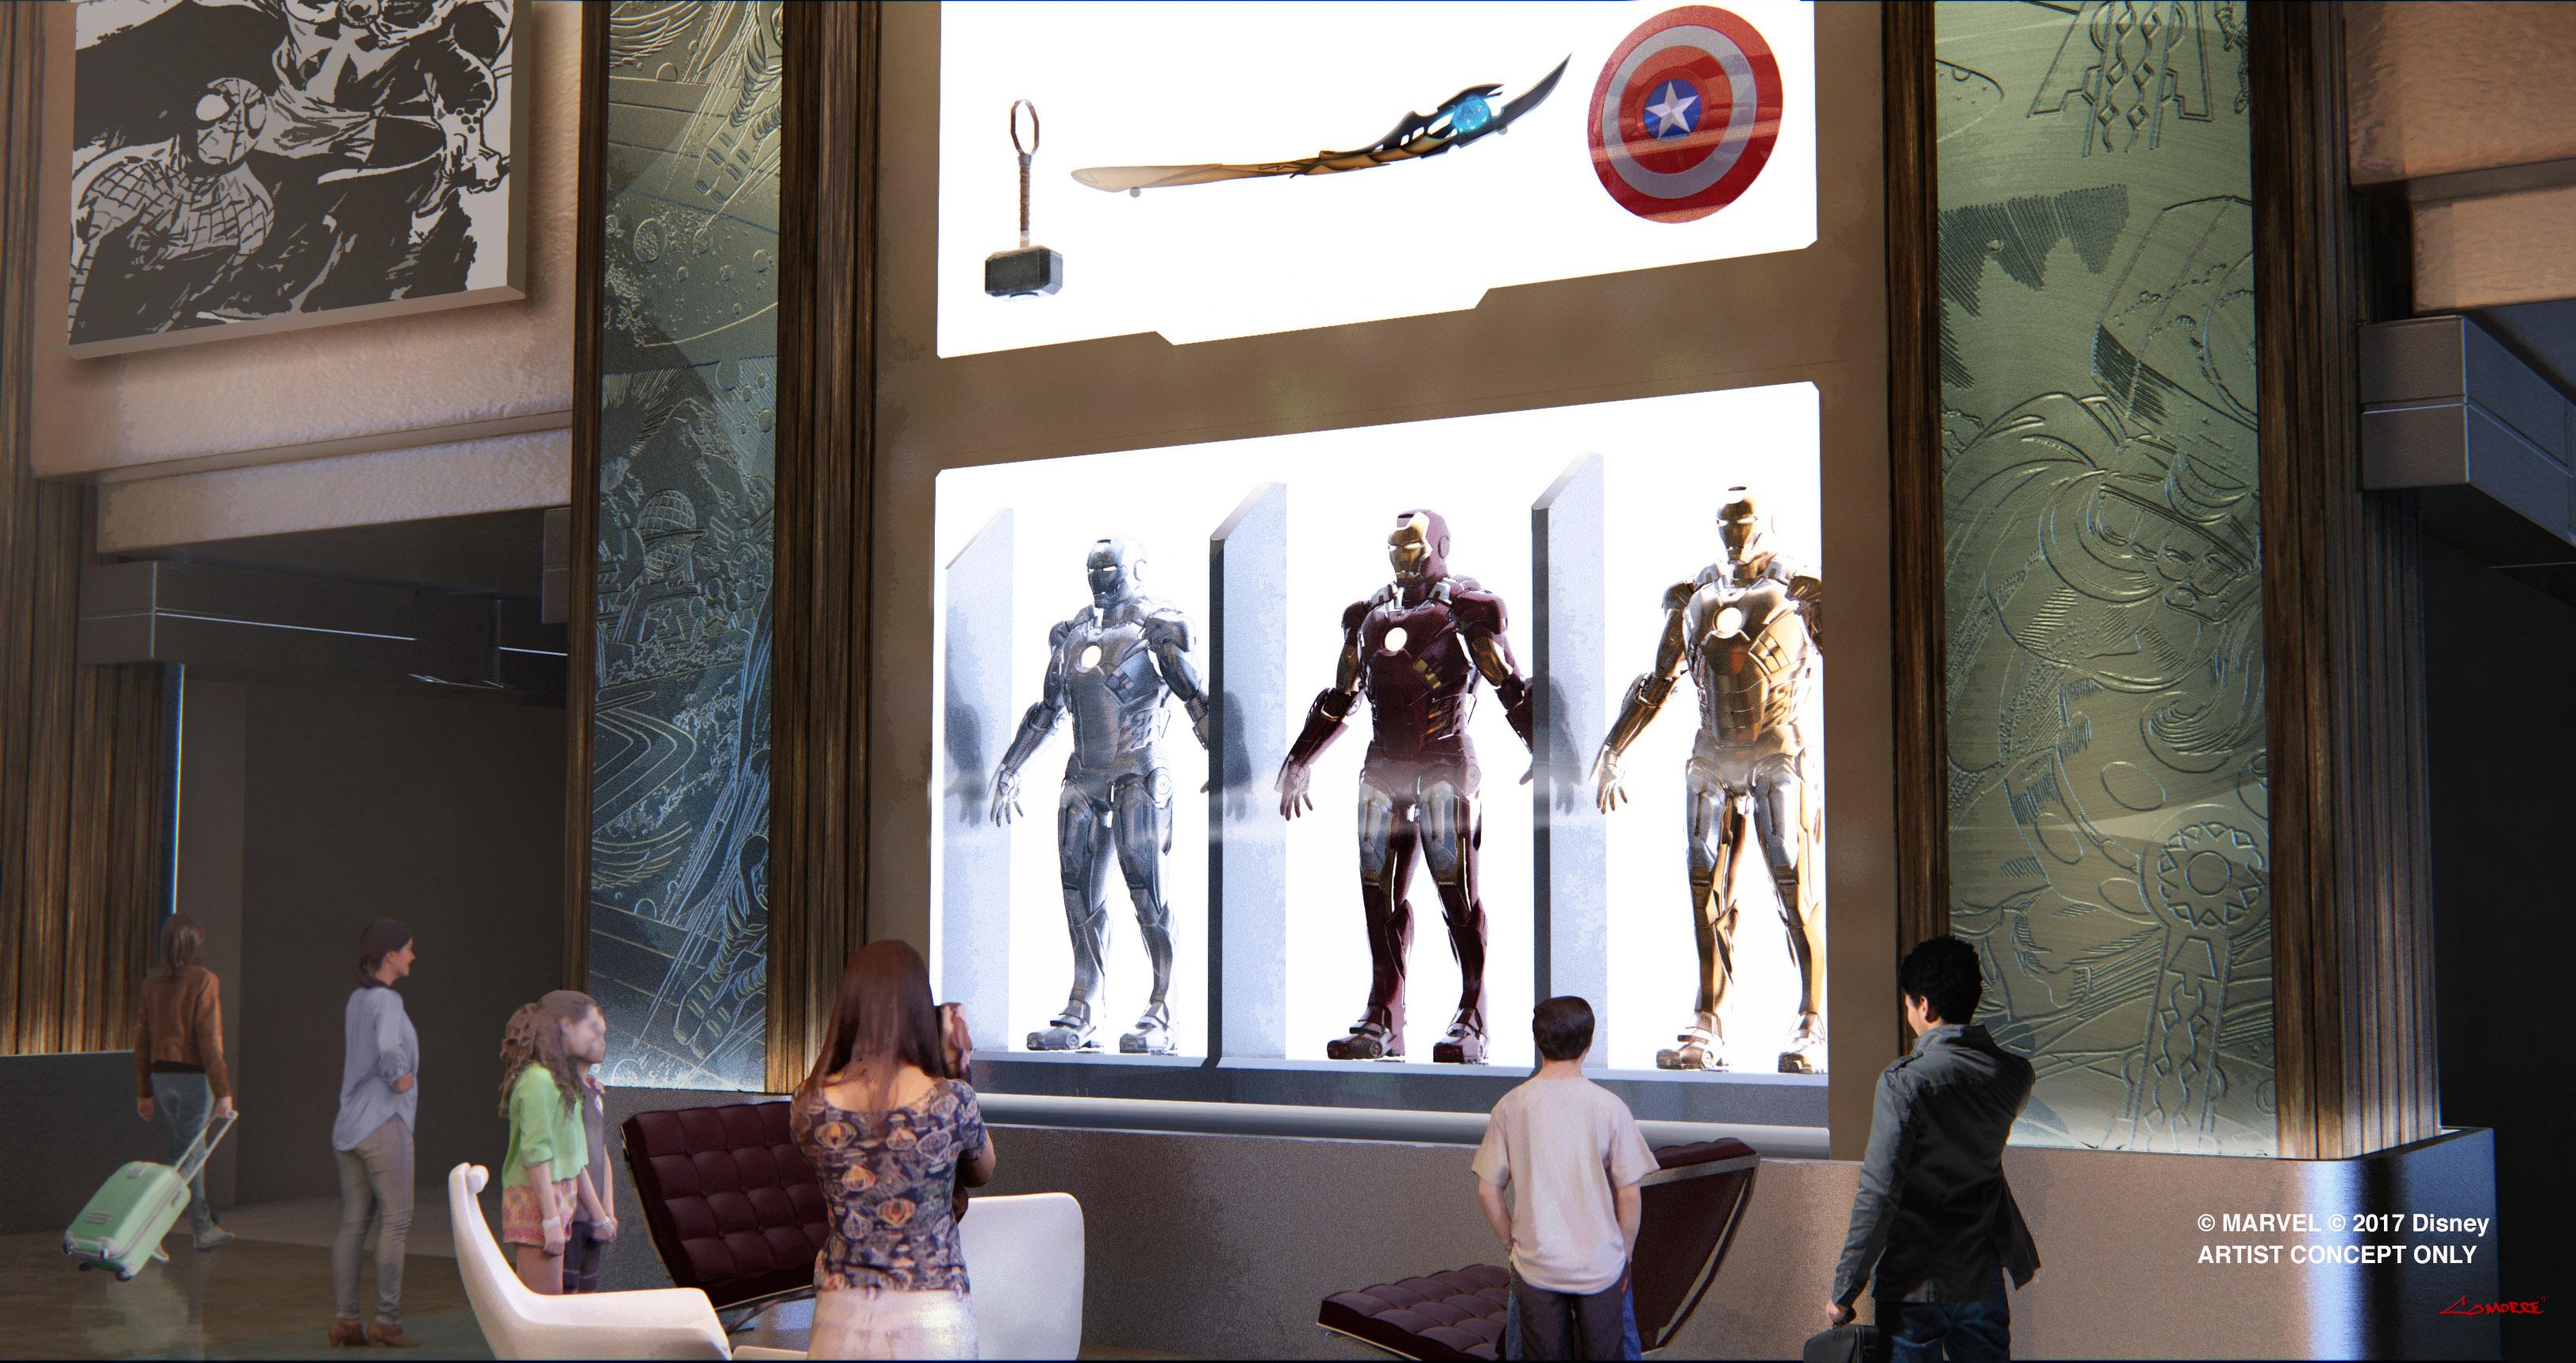 Lobby van Hotel New York na de ombouw waarbij Marvel attributen worden toegevoegd aan het hotel